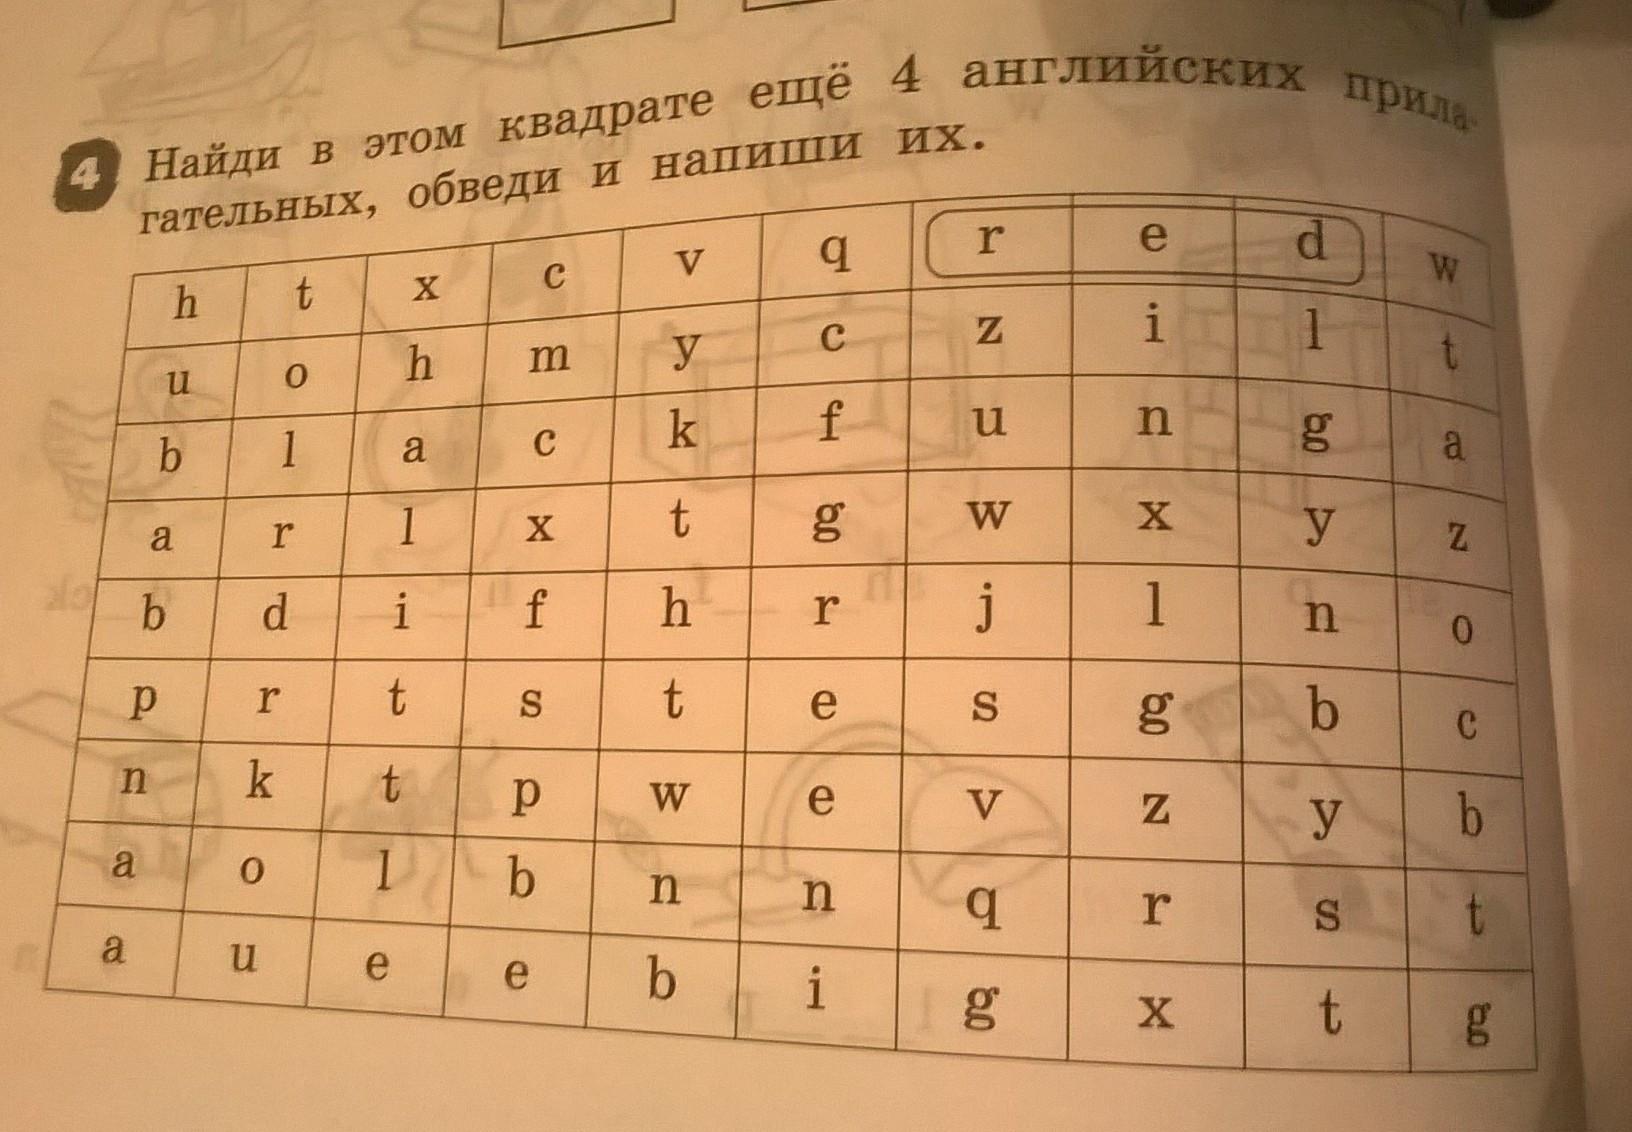 Изображение к вопросу Найди в этом квадрате ещё 4 английских прилагательных.